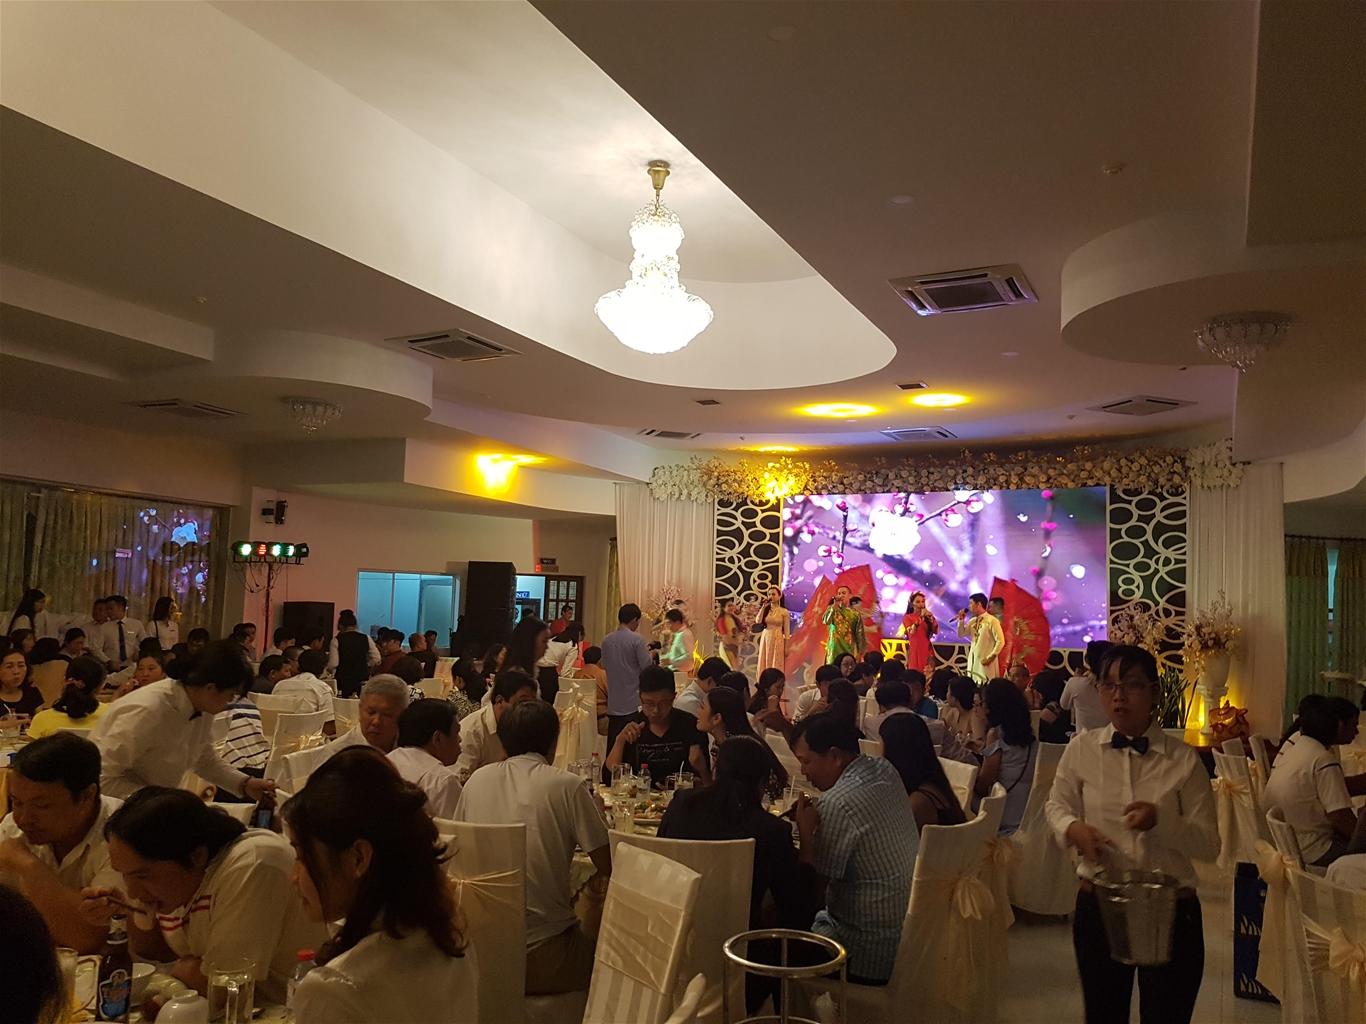 Chương trình Ca múa nhạc Đón Tết – Chào xuân do Đoàn Nghệ thuật An Giang biểu diễn